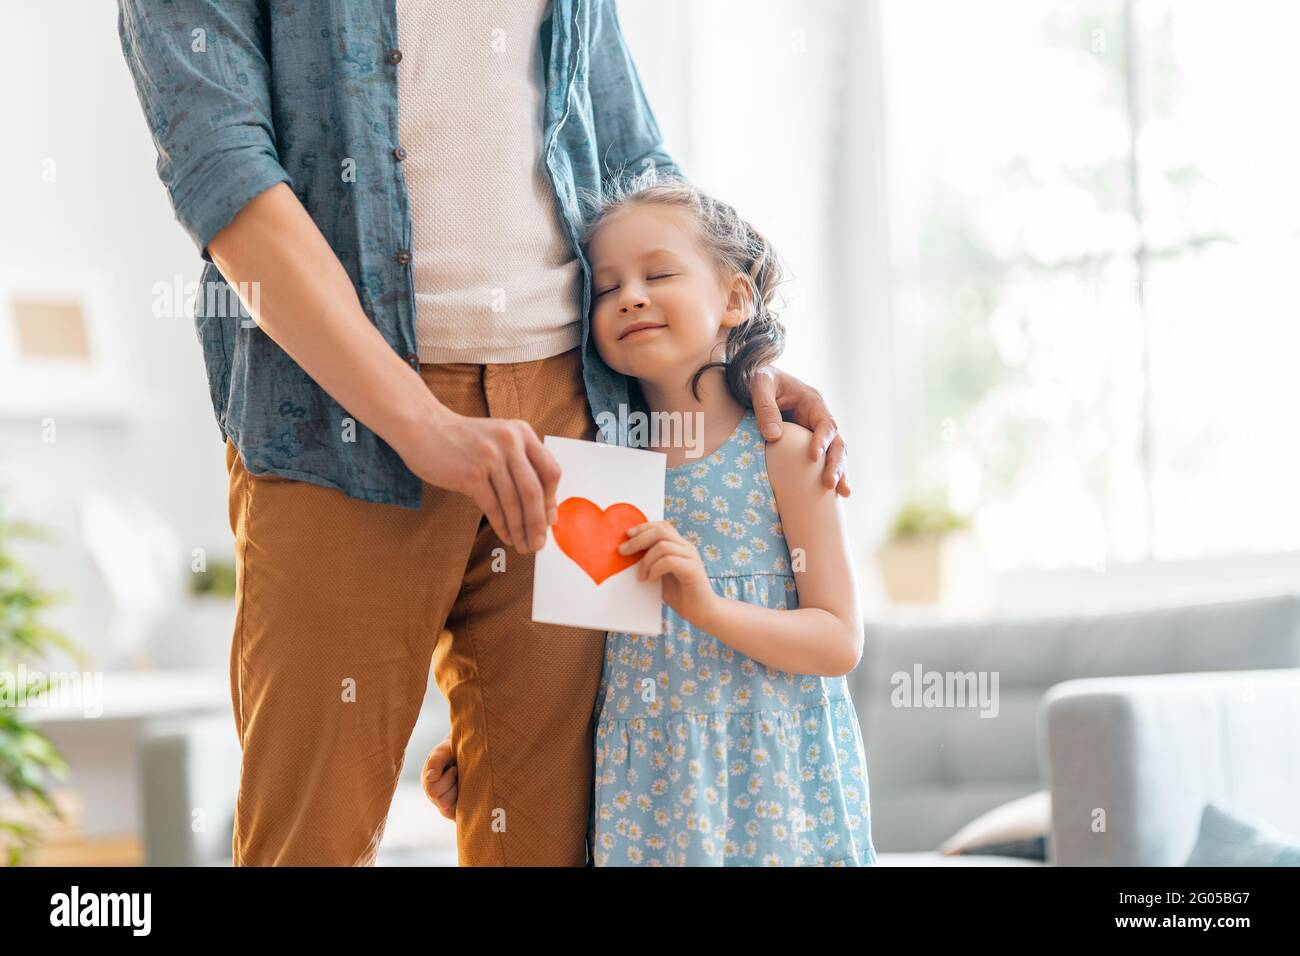 L'enfant fille félicite son père et lui donne une carte postale. Papa et fille sont souriants et embrassant. Vacances en famille et ensemble. Banque D'Images